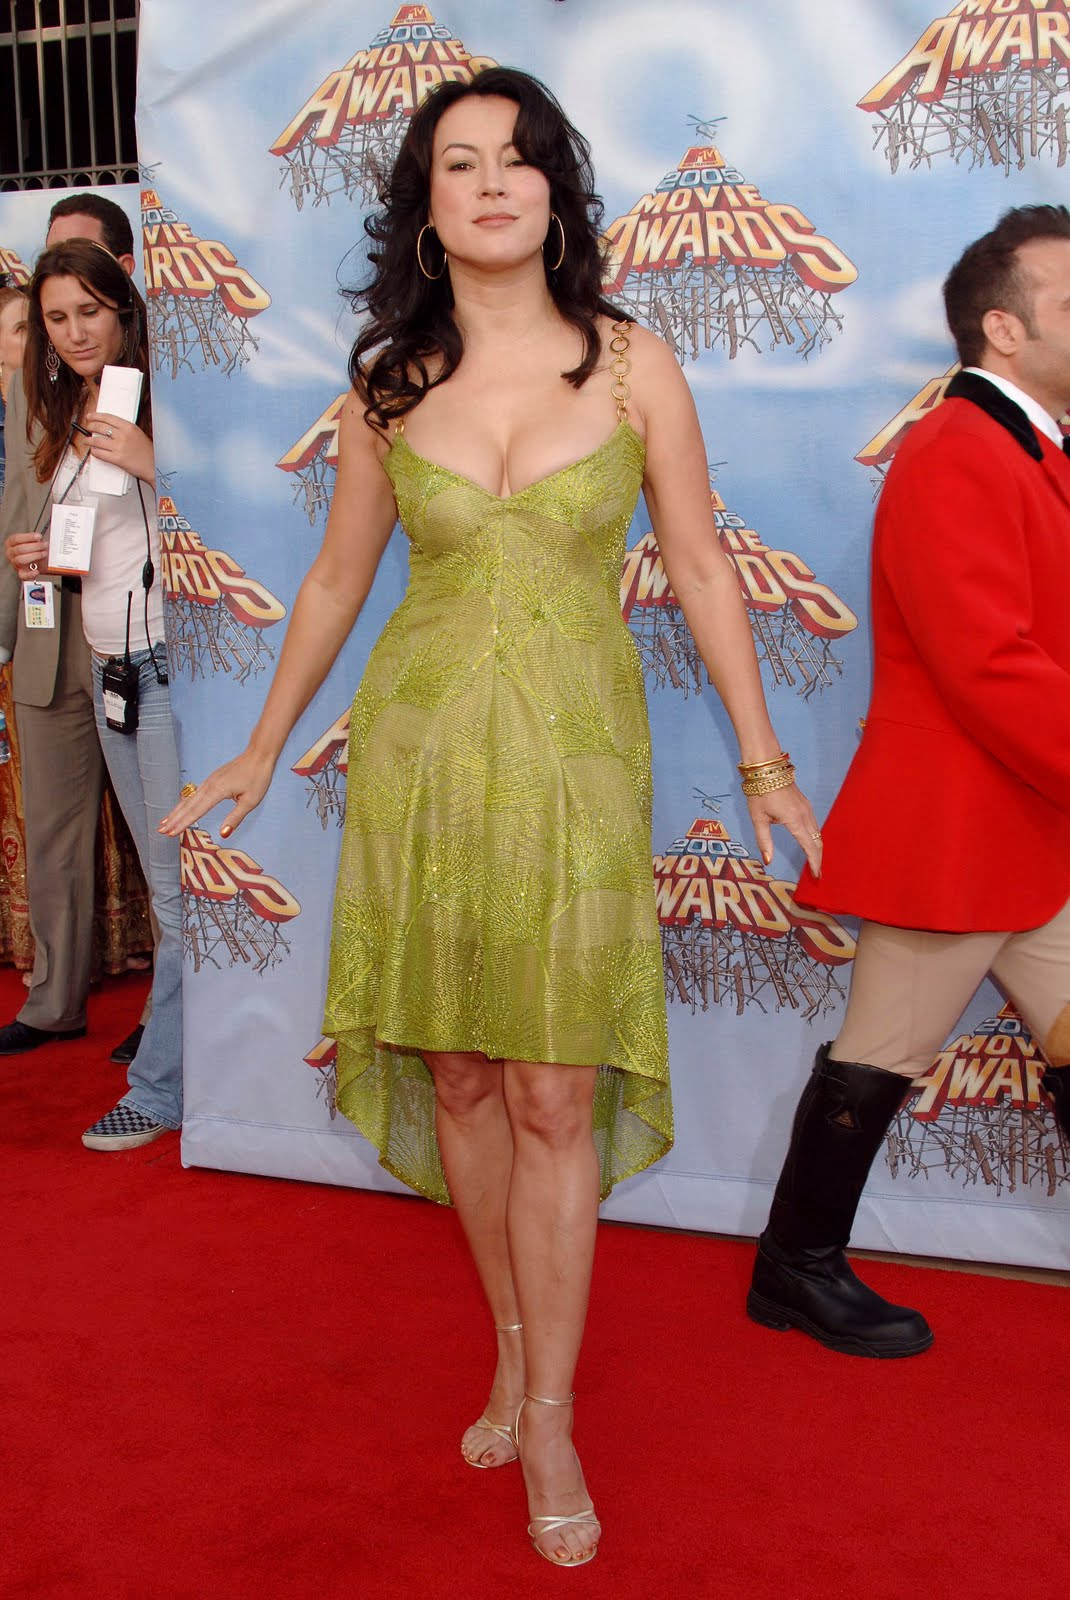 http://1.bp.blogspot.com/_bQ0SqifjNcg/TJRPy2b_SYI/AAAAAAAAdMQ/NQq4EVtSw0s/s1600/jennifer-tilly-feet.jpg